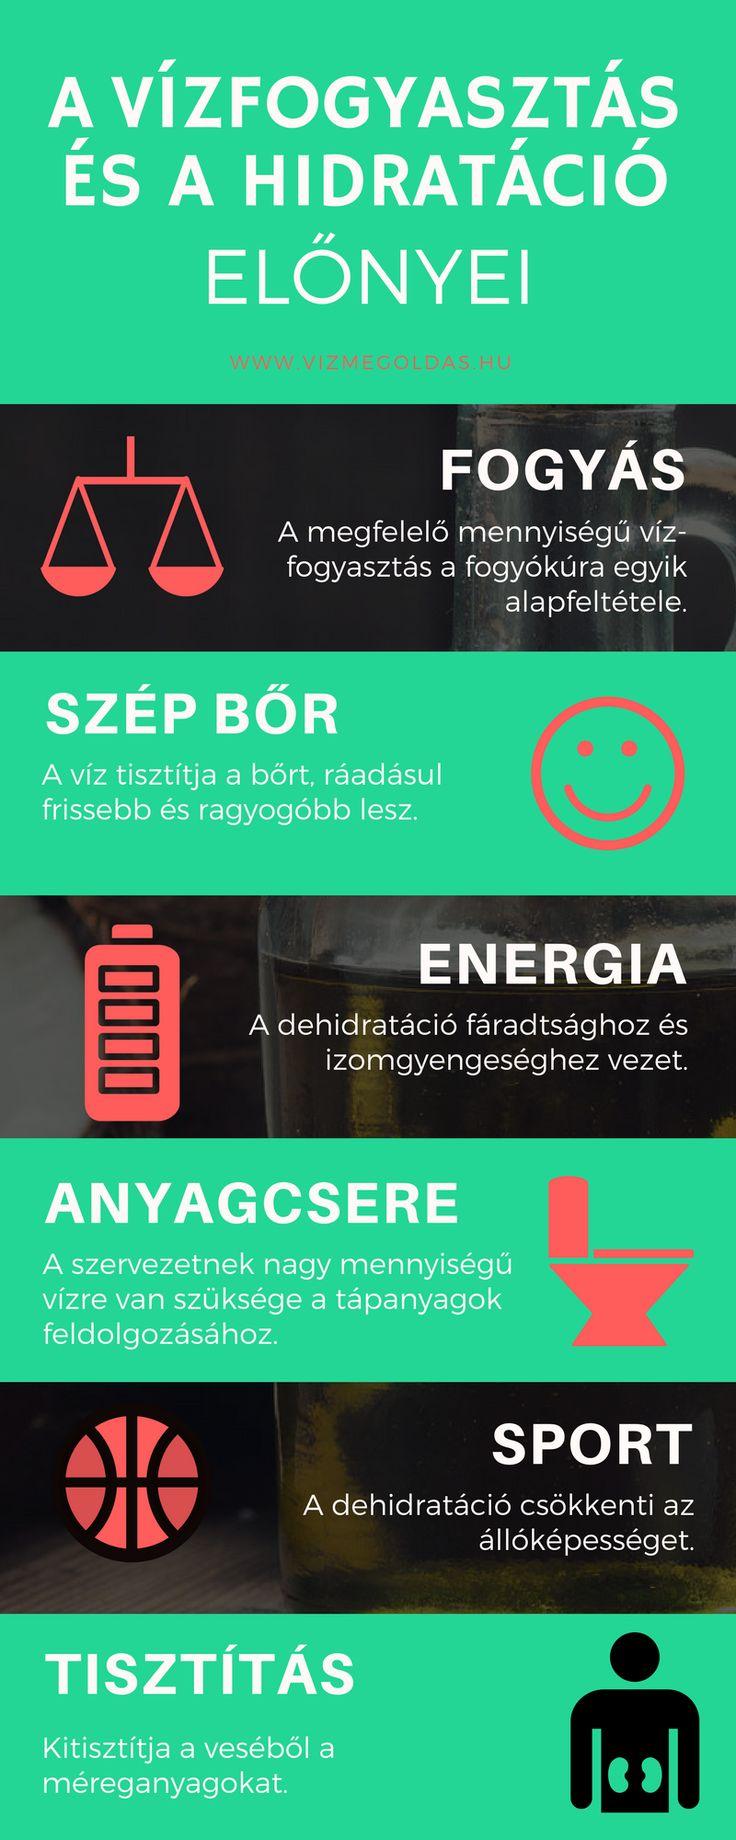 Egészséges életmód - A hidratáció előnyei